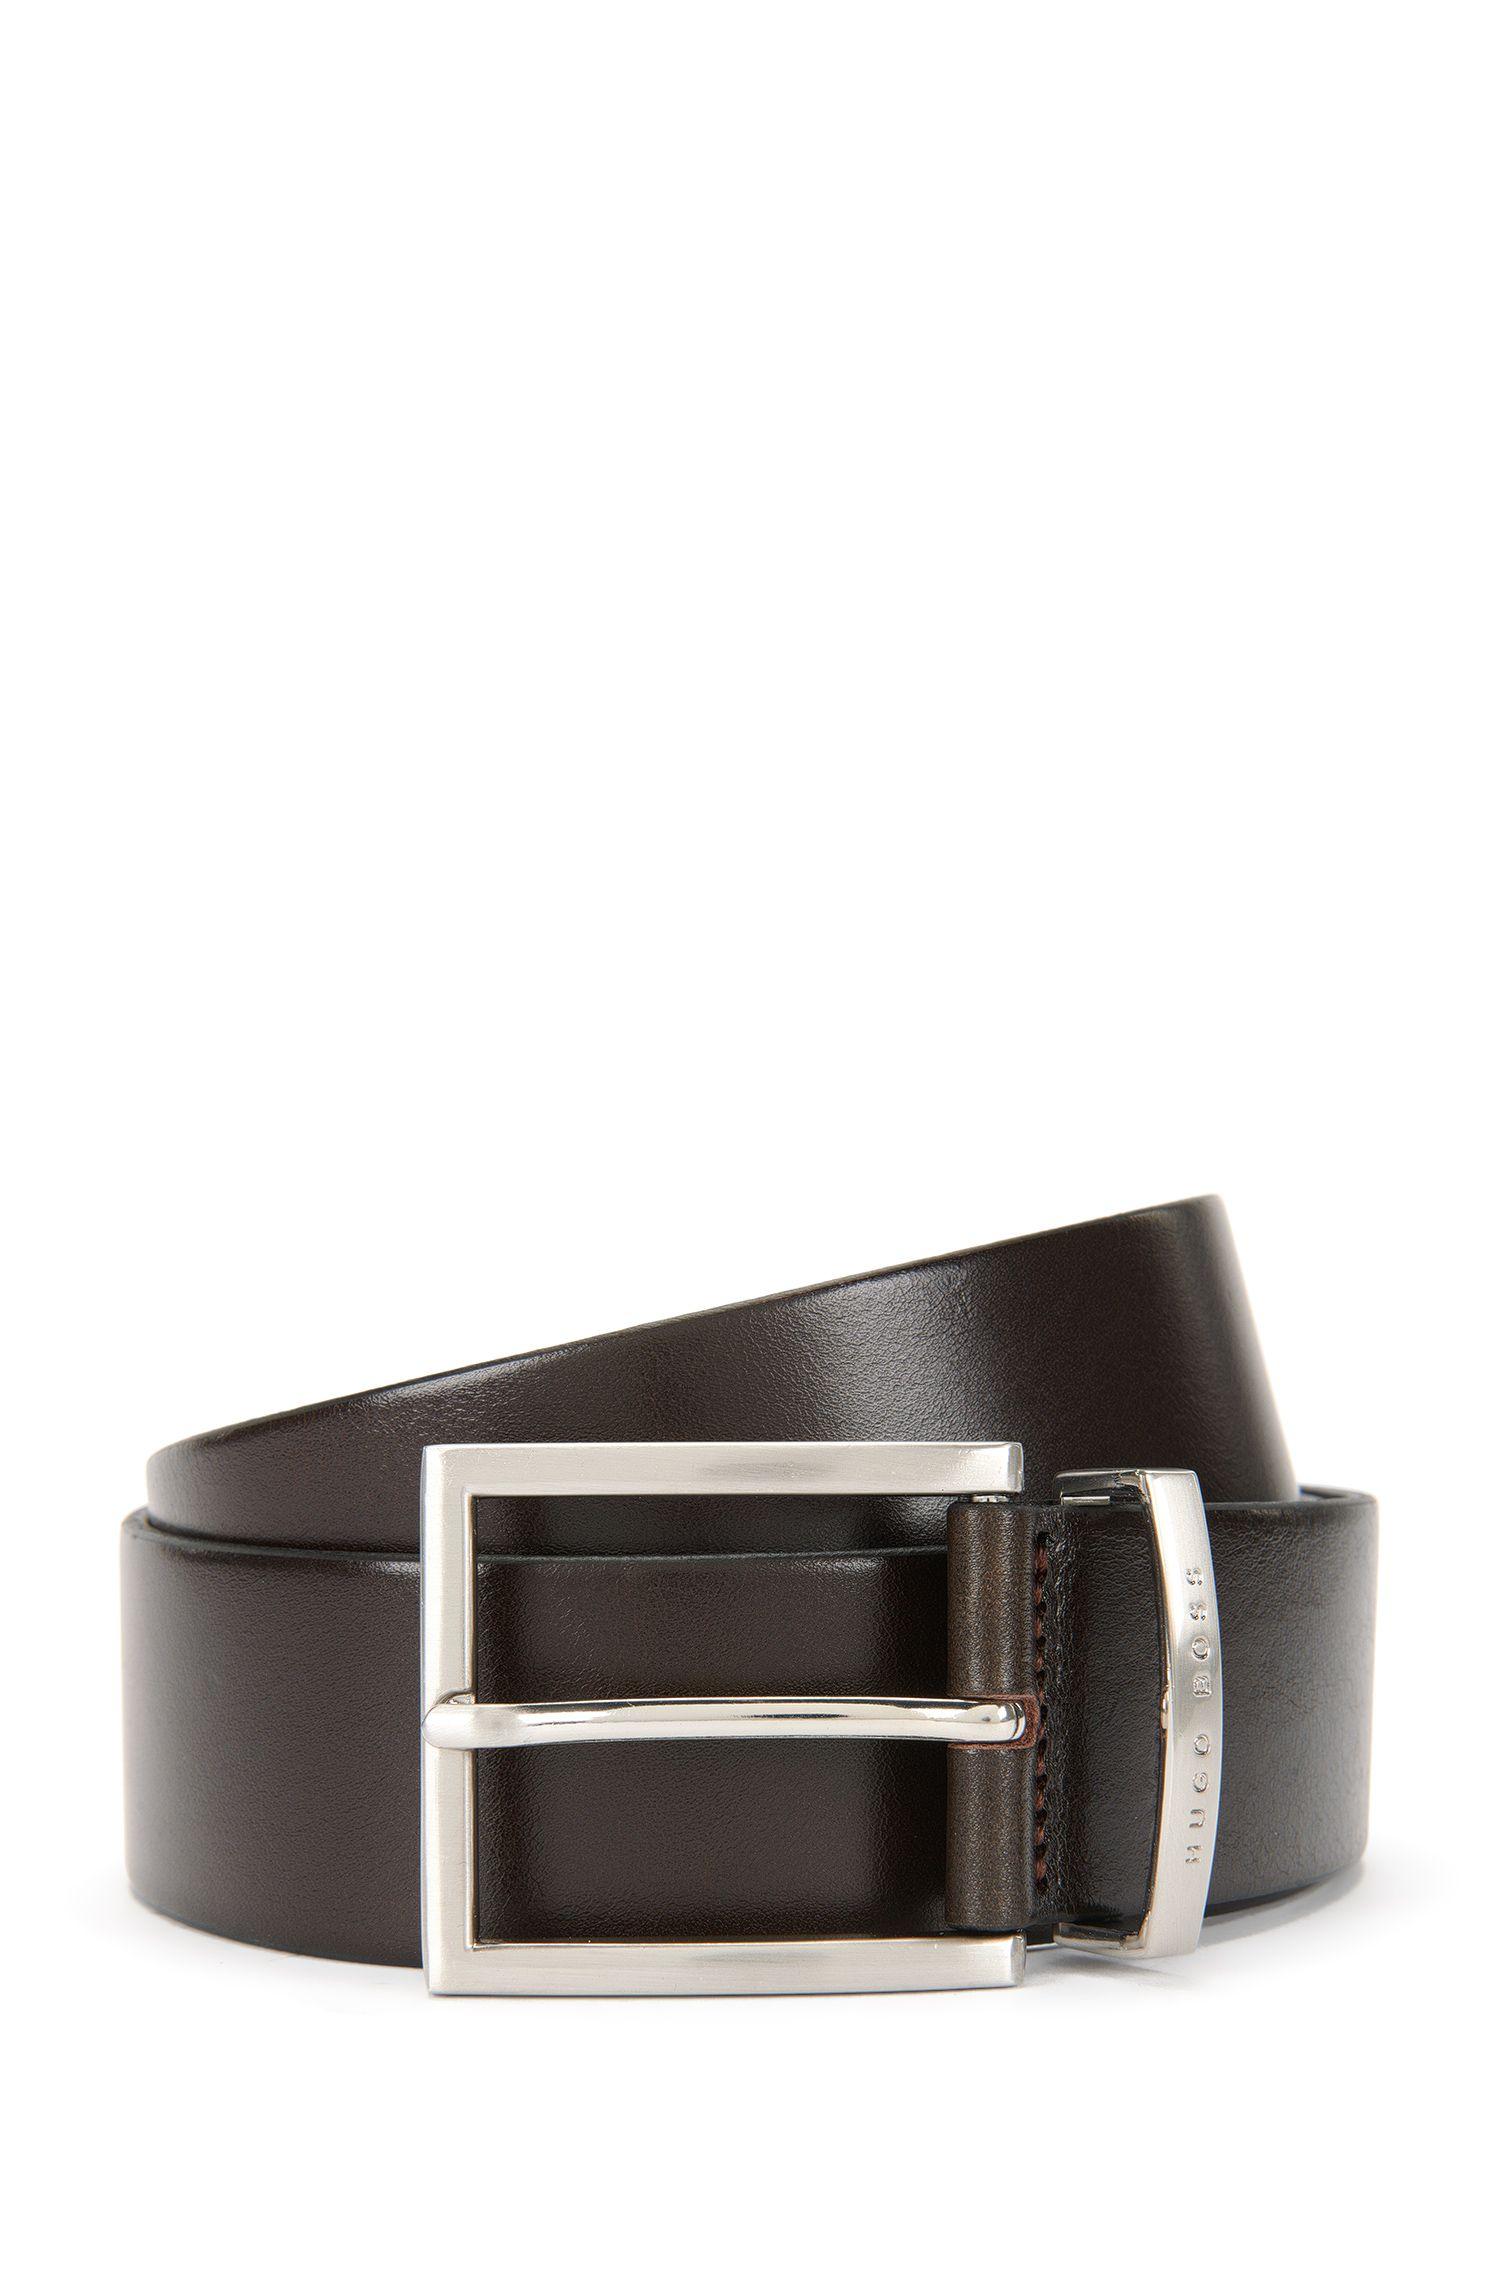 Leather Belt   Buddy, Dark Brown